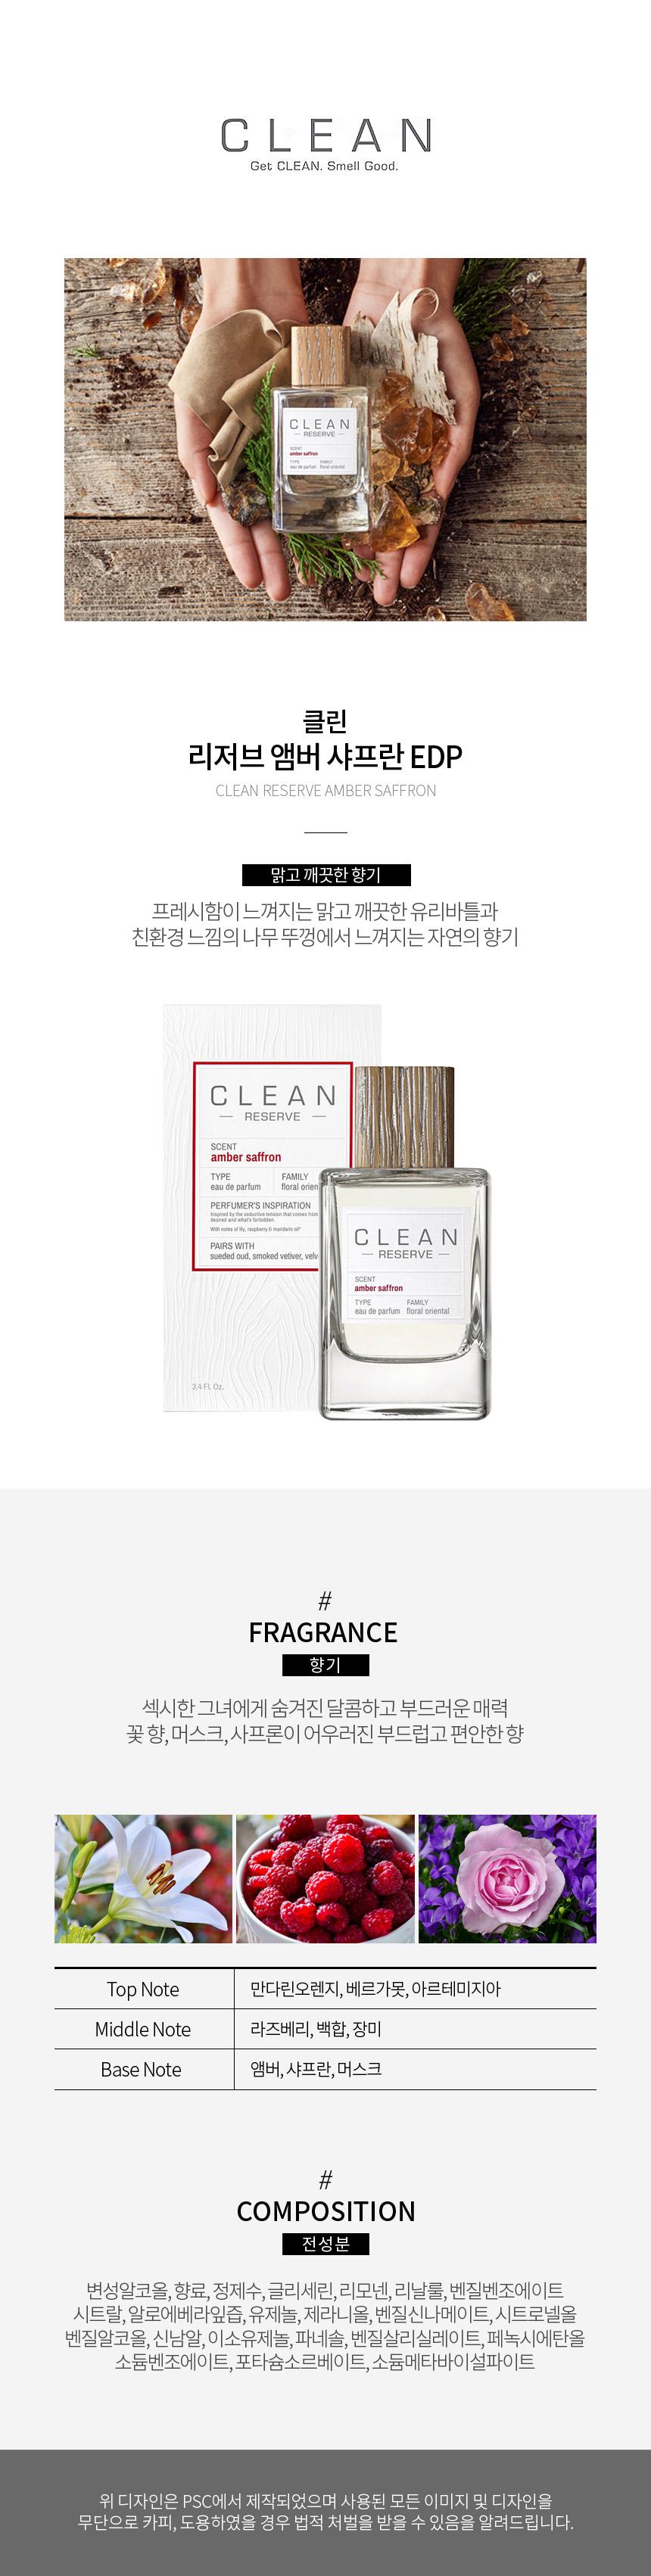 클린(CLEAN) [향수] 리저브 앰버 샤프란 EDP 100ml